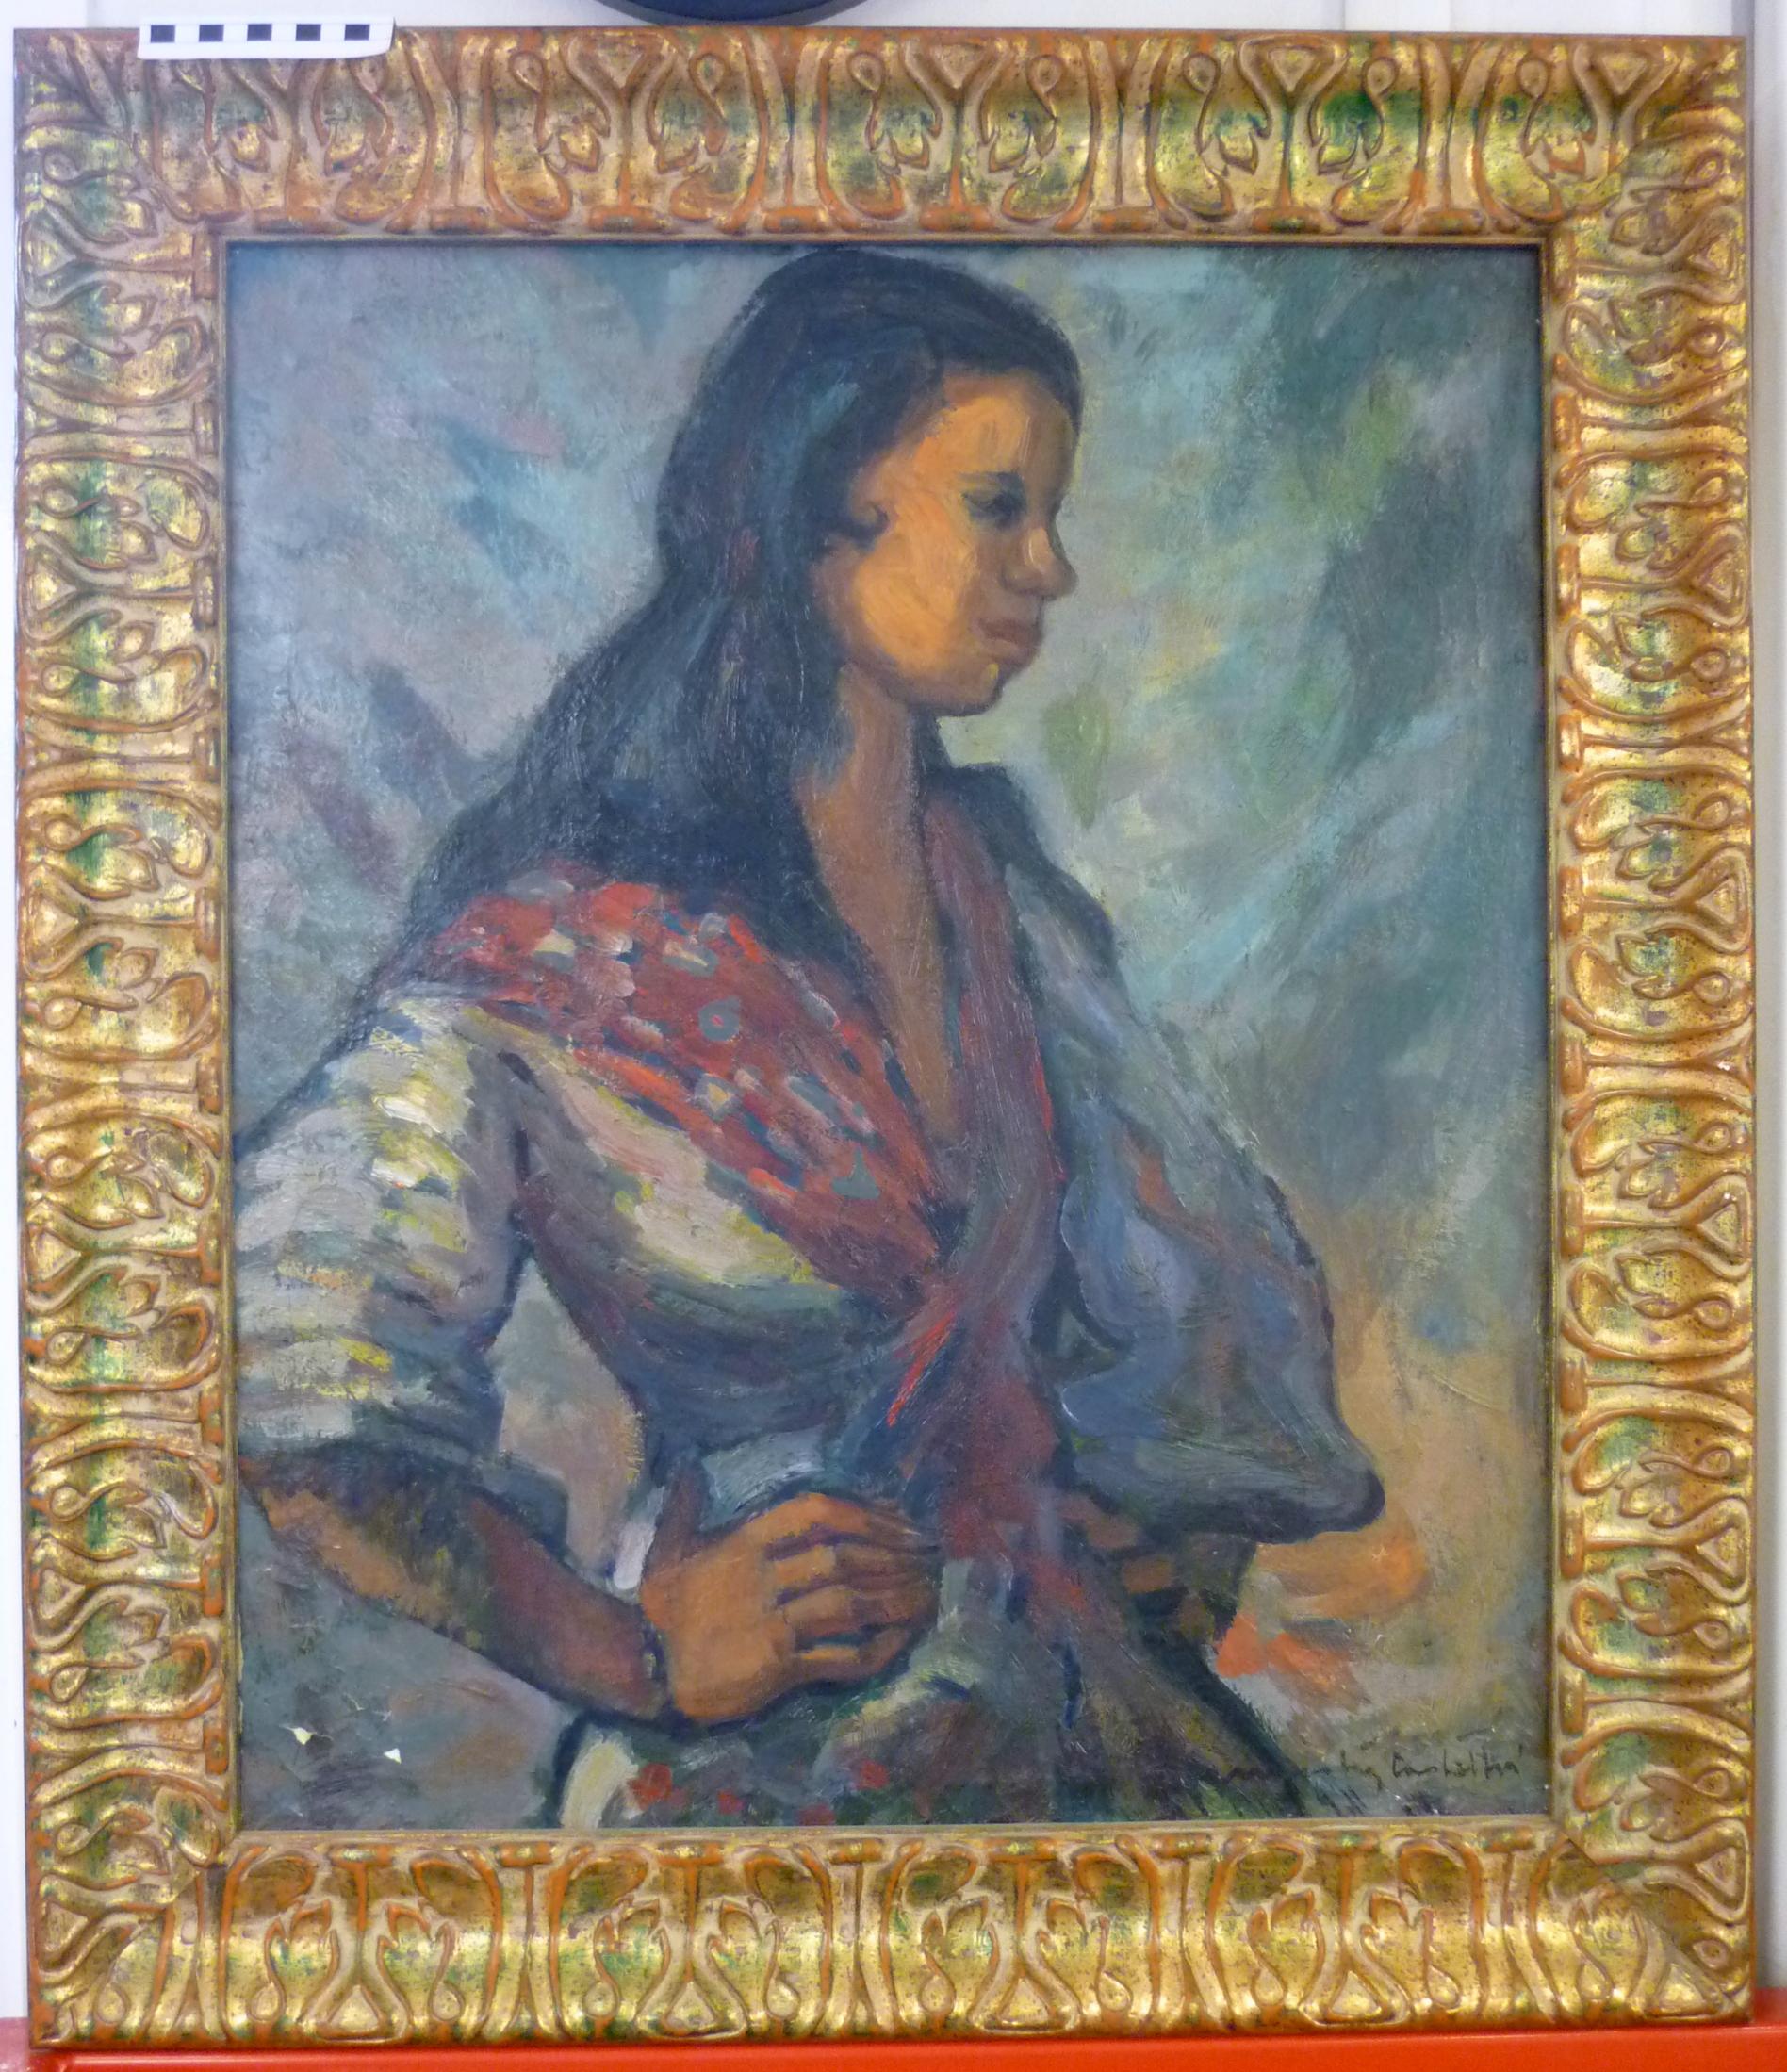 Restauración de una pintura al óleo sobre lienzo de Lluis Mestre Castellví, pintor y dibujante nacido en L'Hospitalet de Llobregat en 1910 y fallecido en 1963, realizada por un alumno […]